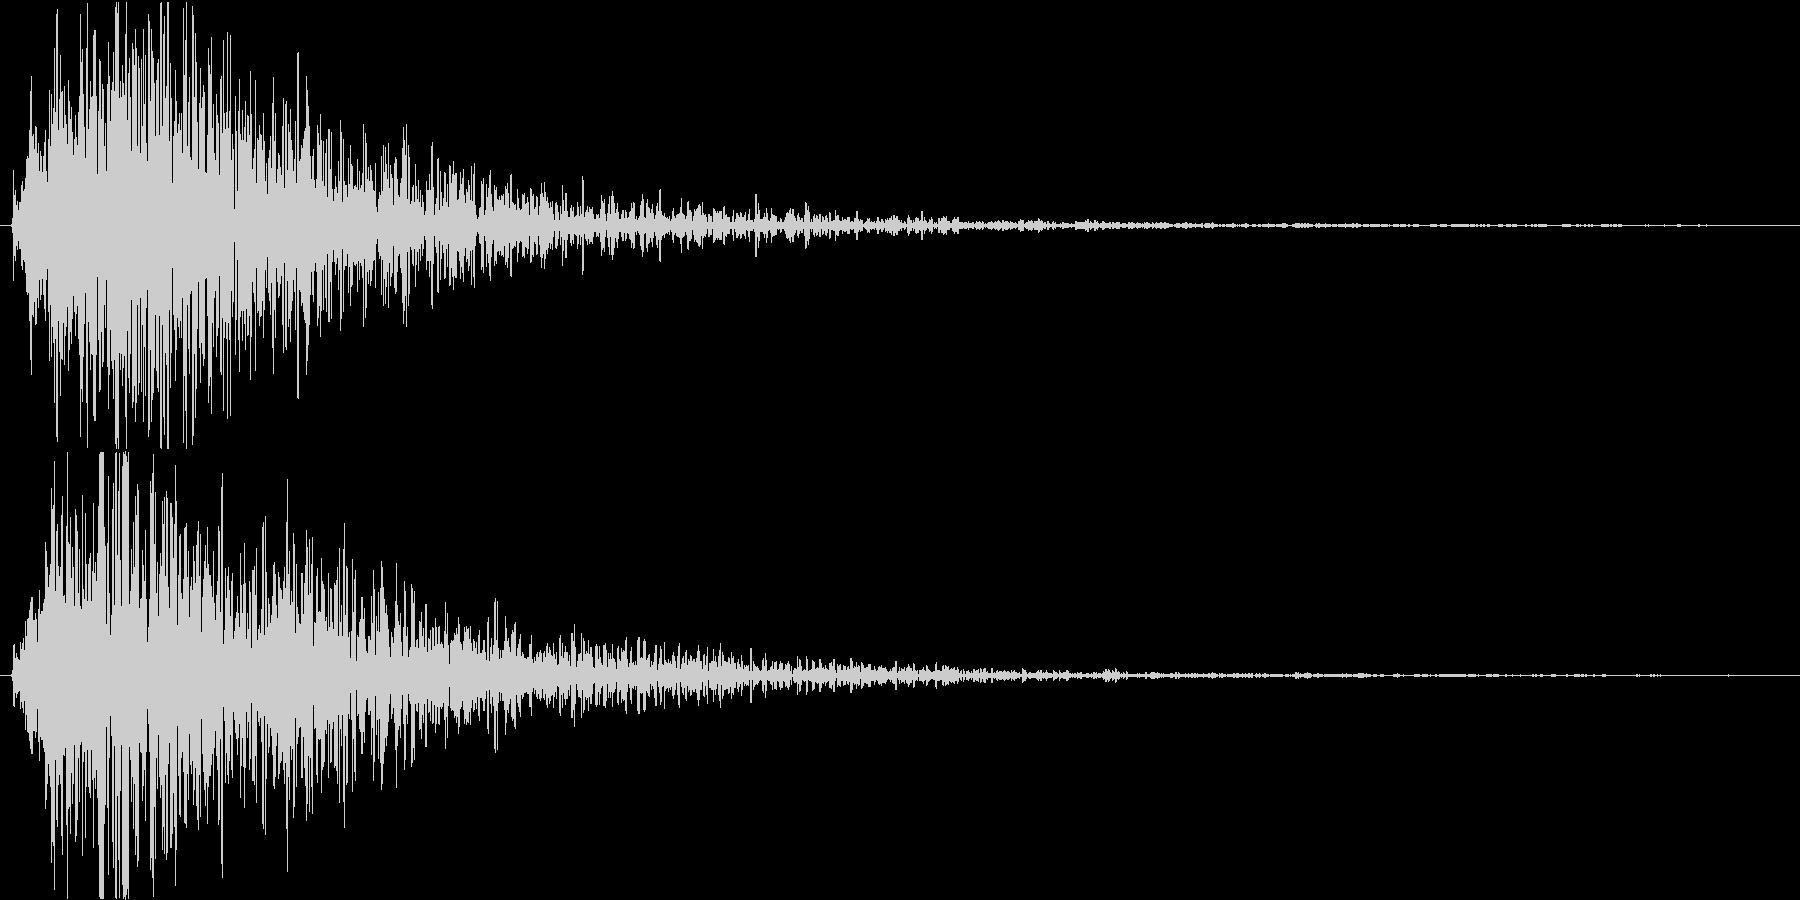 ホラー番組のテロップSEの未再生の波形